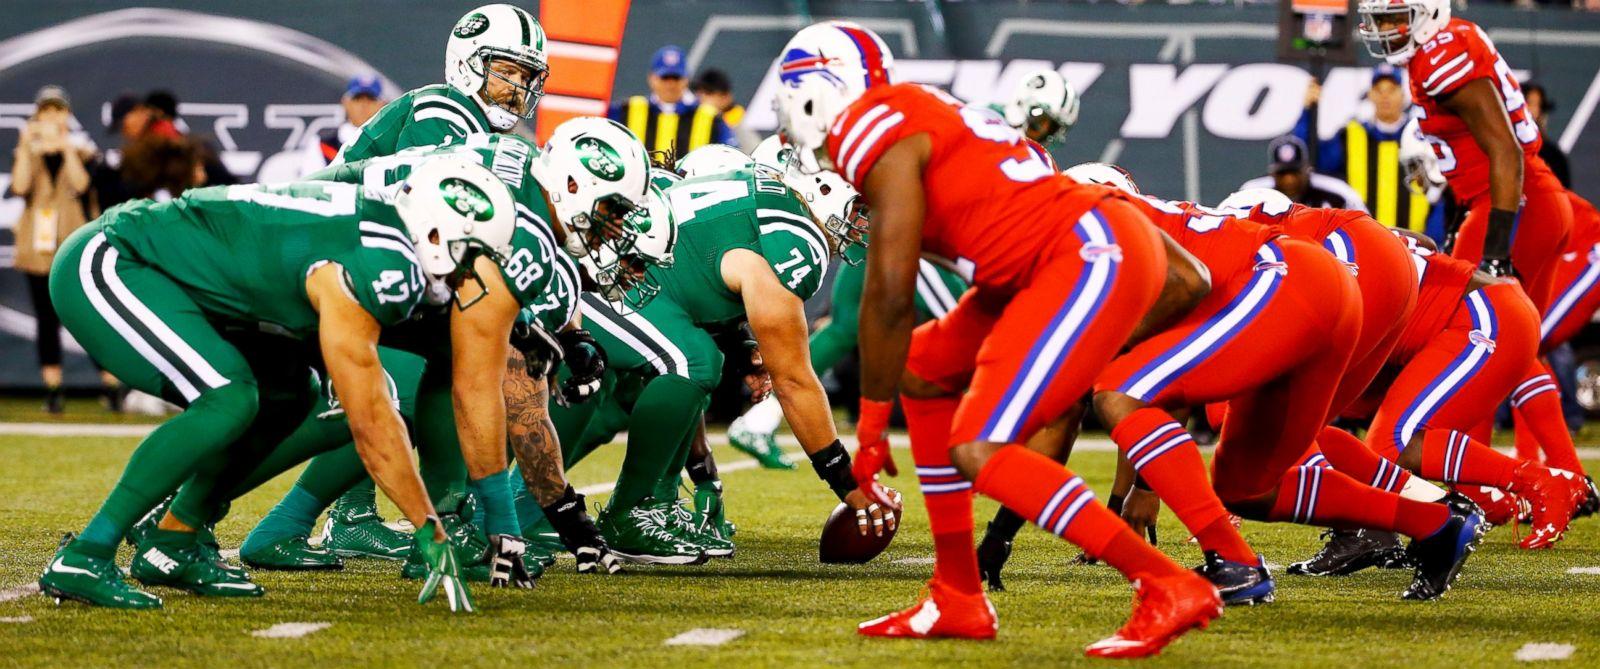 Week 10 in the NFL